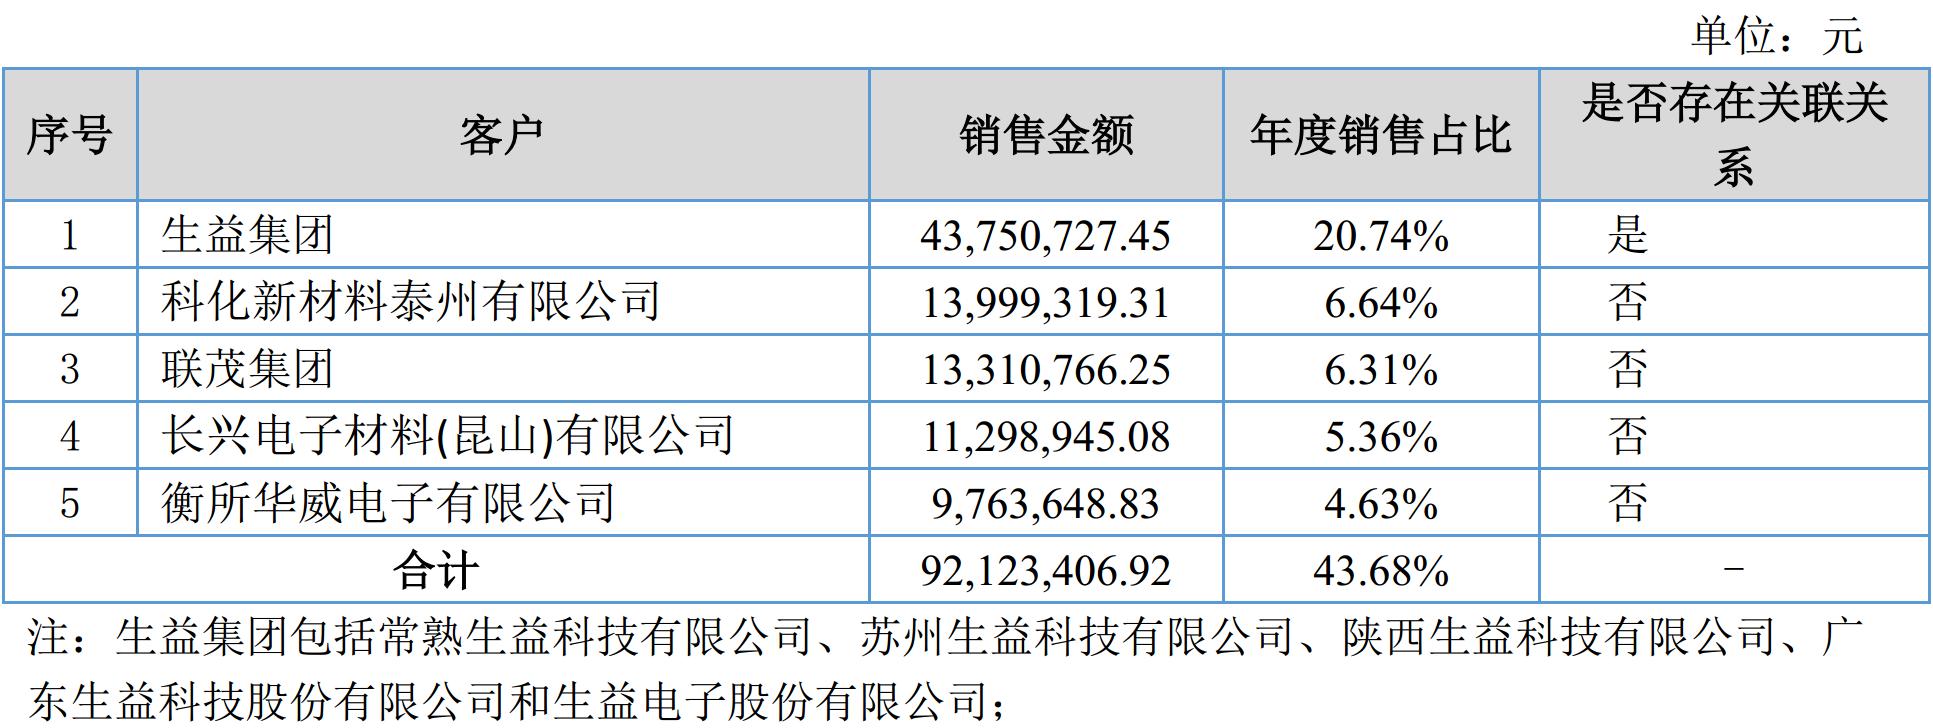 硅微粉龙头联瑞新材2017年营收2.11亿,净赚4225万!